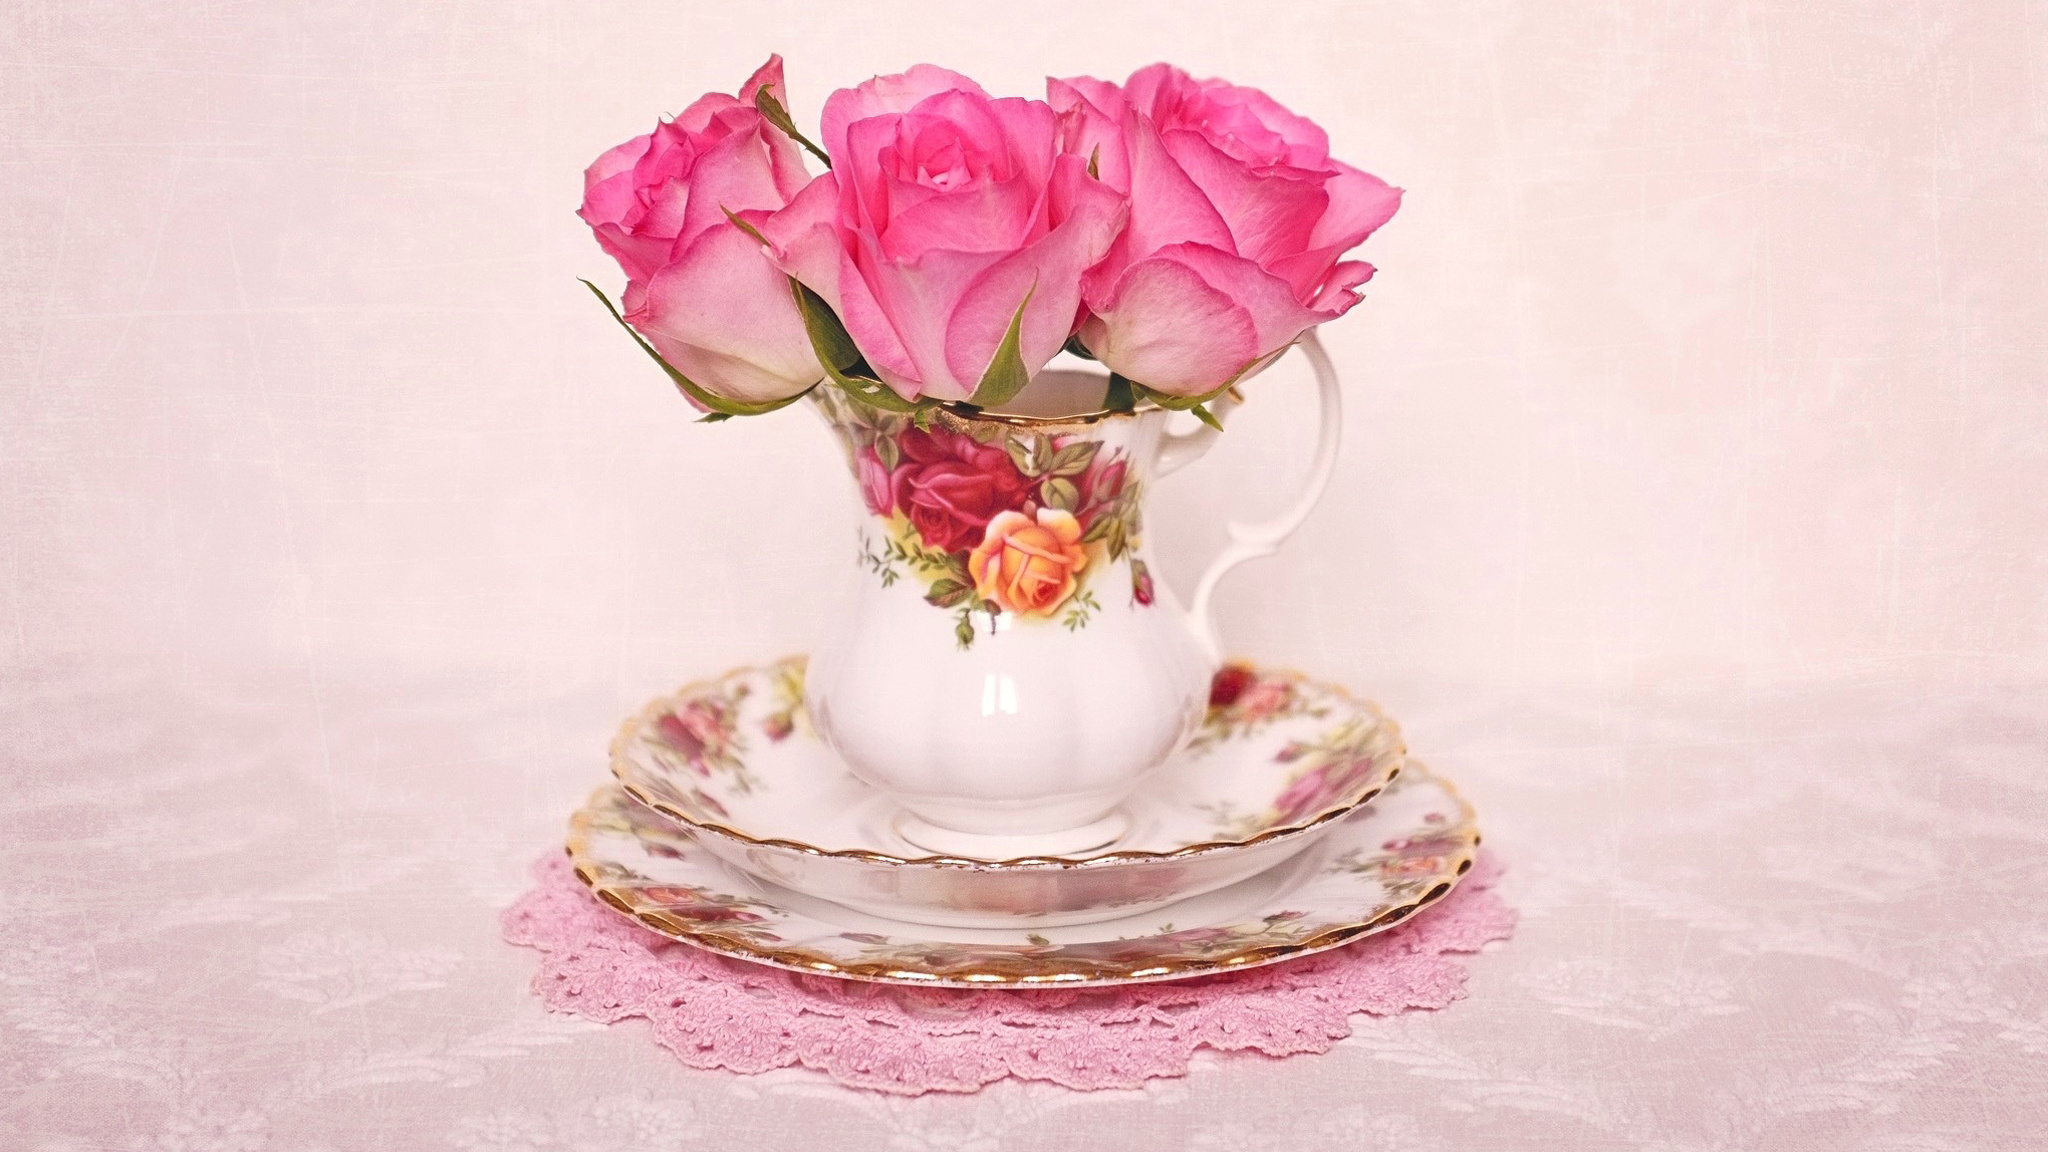 нежные розы в стаканах без смс